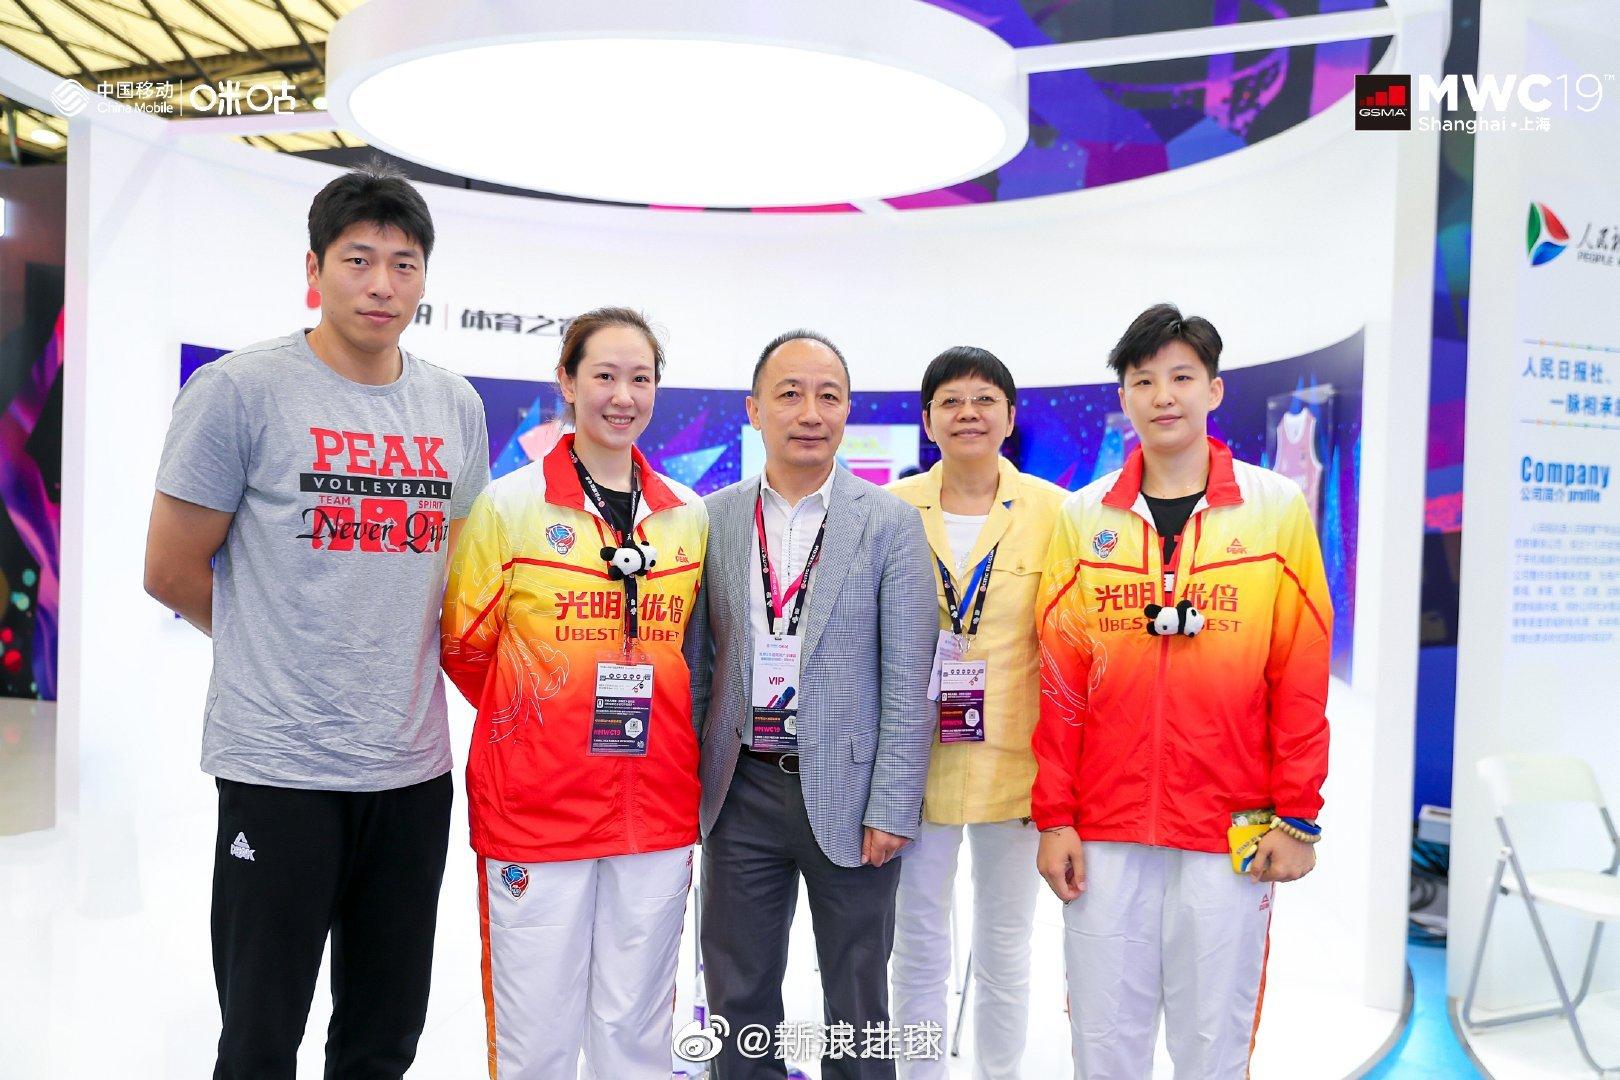 上海女排队员米杨、张磊与上海男排主帅沈琼共同出席商业活动